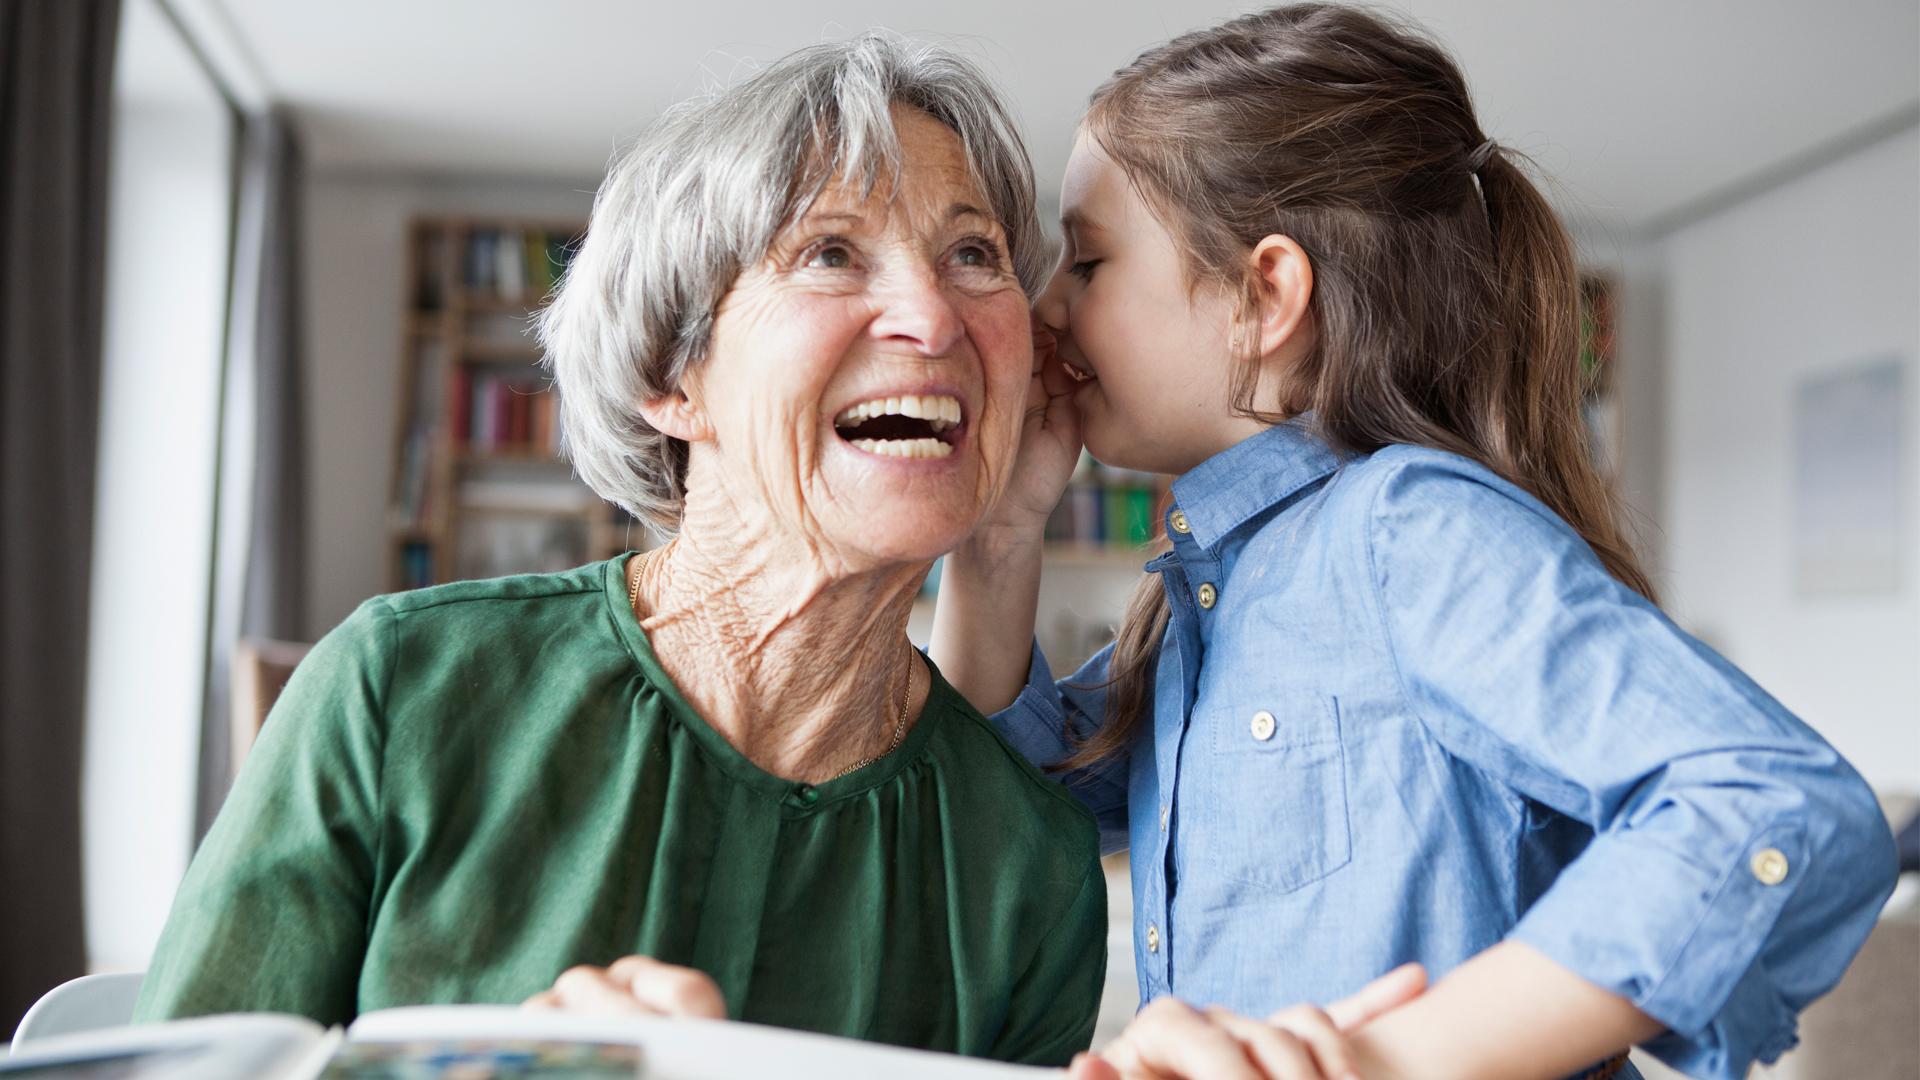 Eine ältere Frau und ein kleines Mädchen, vielleicht ihre Enkelin. Das Mädchen flüstert der älteren Frau etwas ins Ohr, sie lacht laut auf.